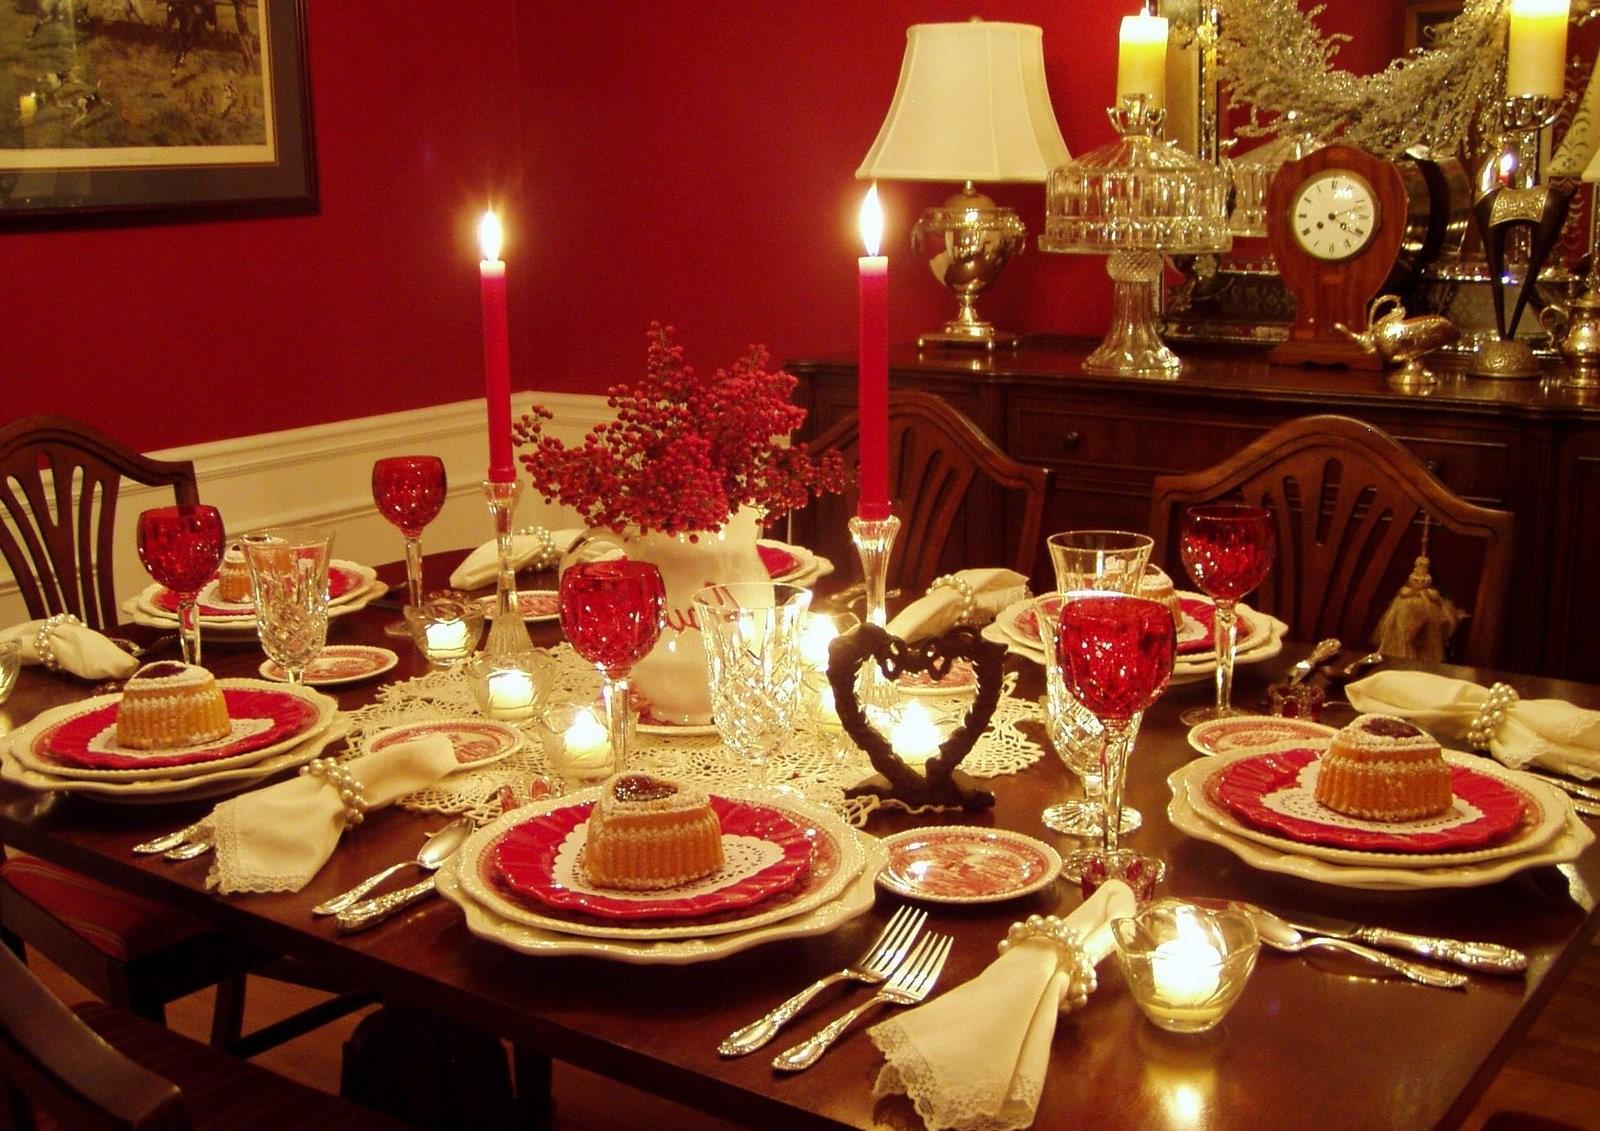 Décoration de table festive avec des bougies pour la Saint-Valentin